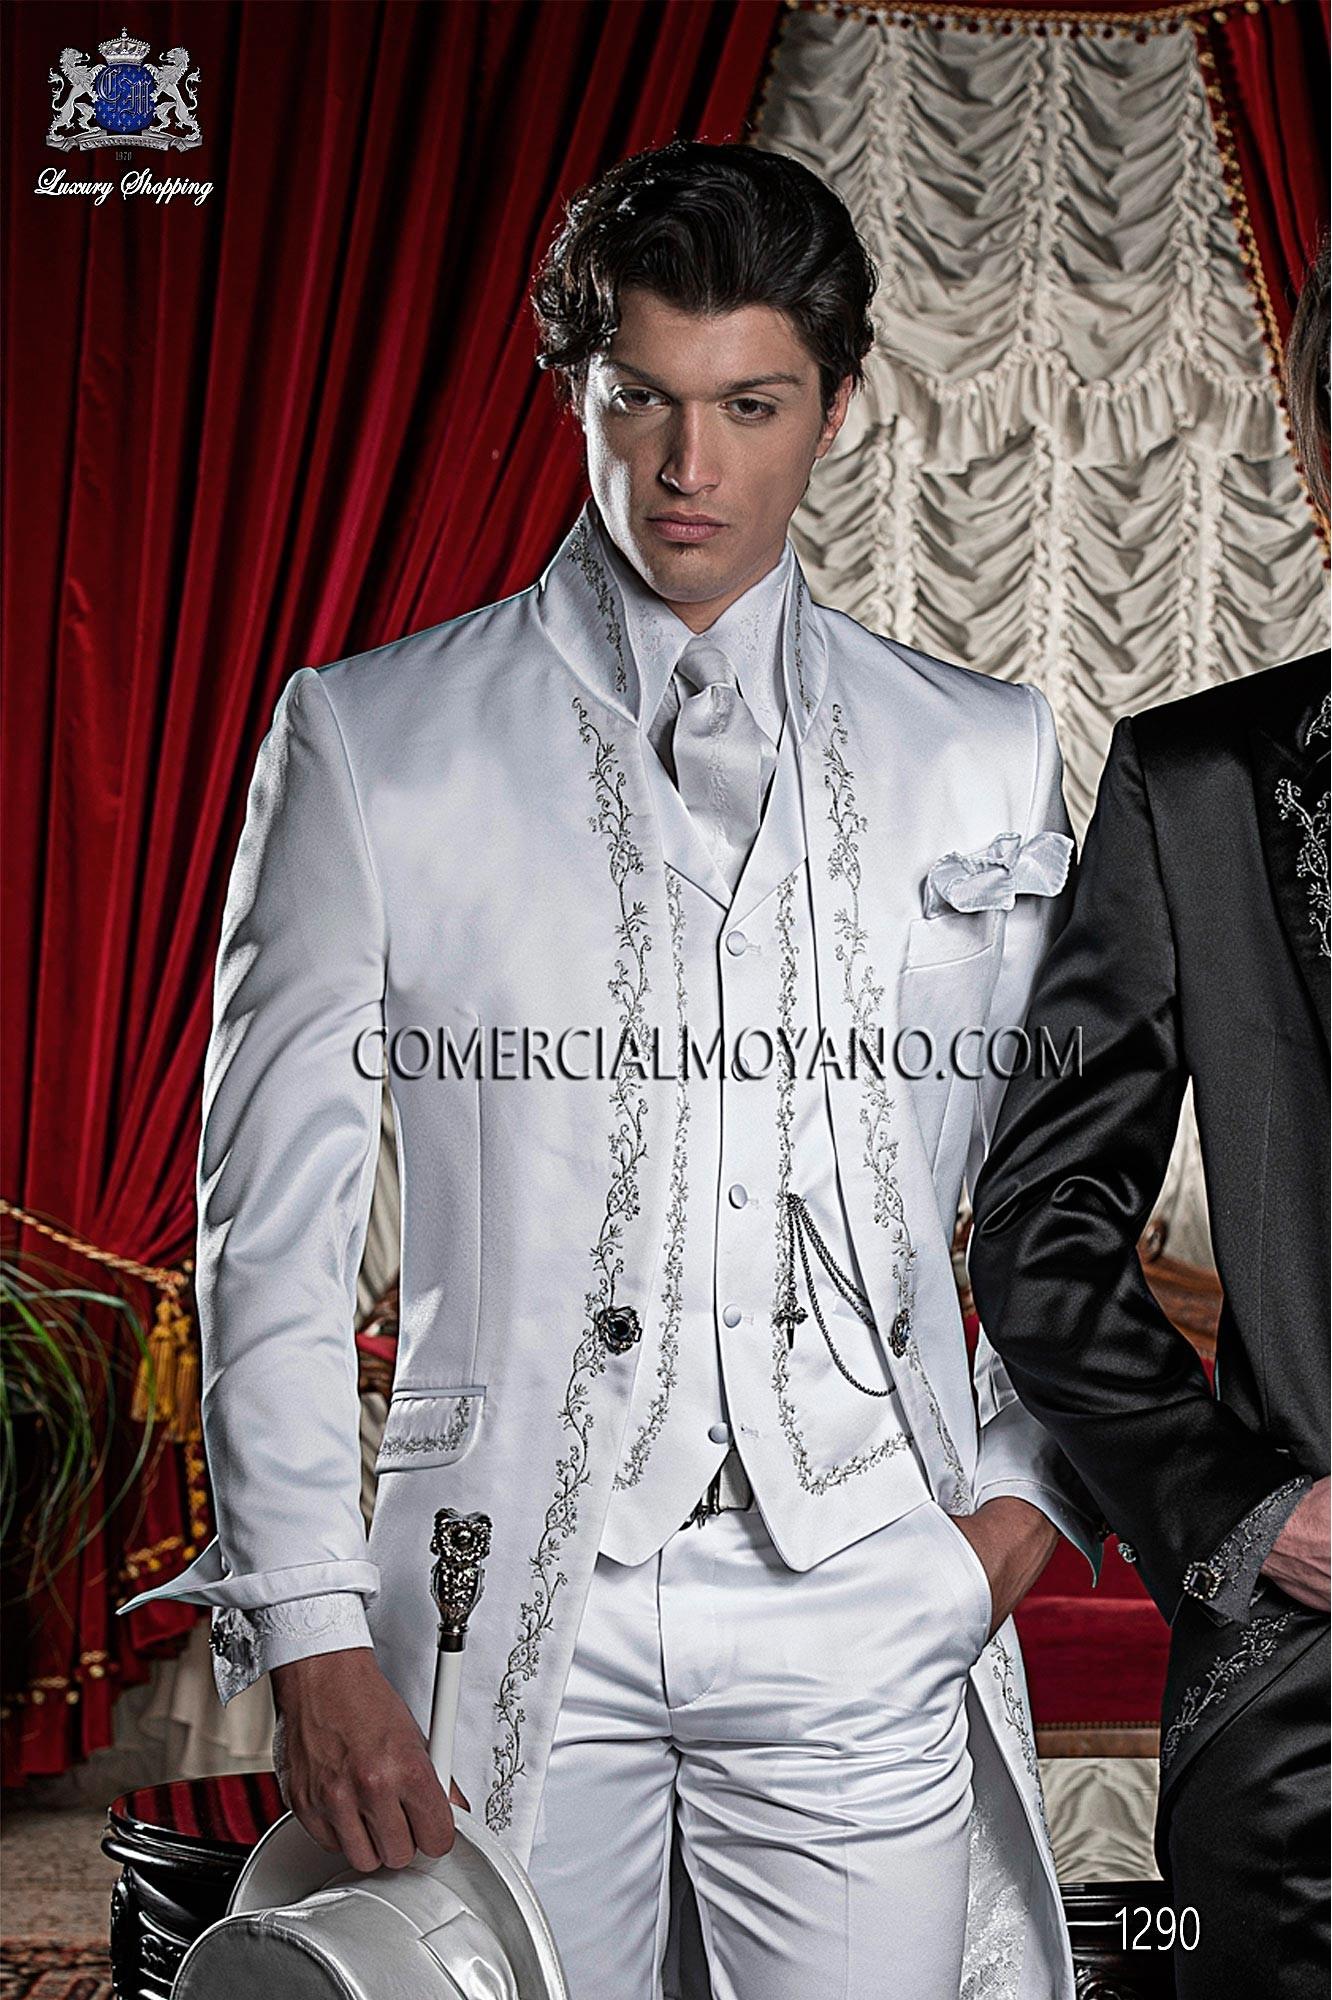 Traje de novio barroco blanco modelo: 1290 Ottavio Nuccio Gala colección Barroco